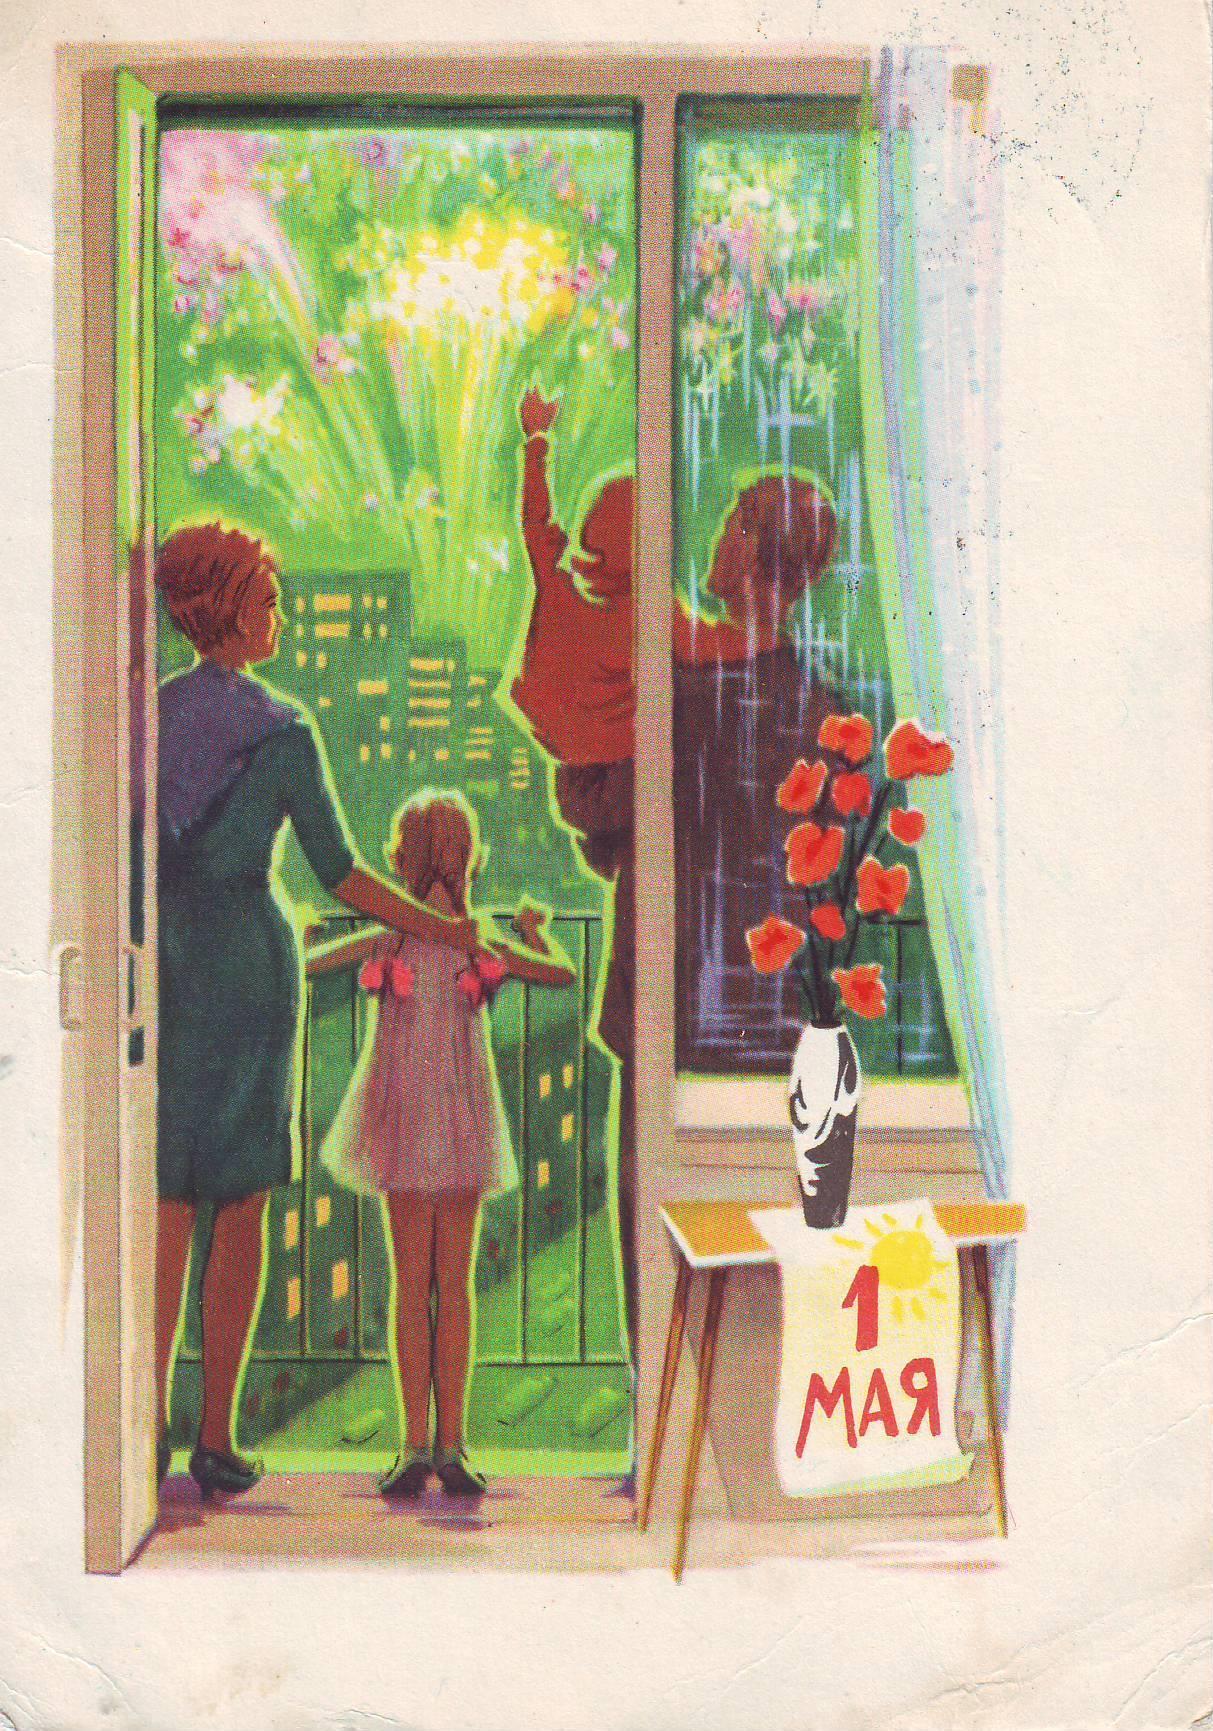 1 мая старые открытки с юмором спиннинги мнению экспертов